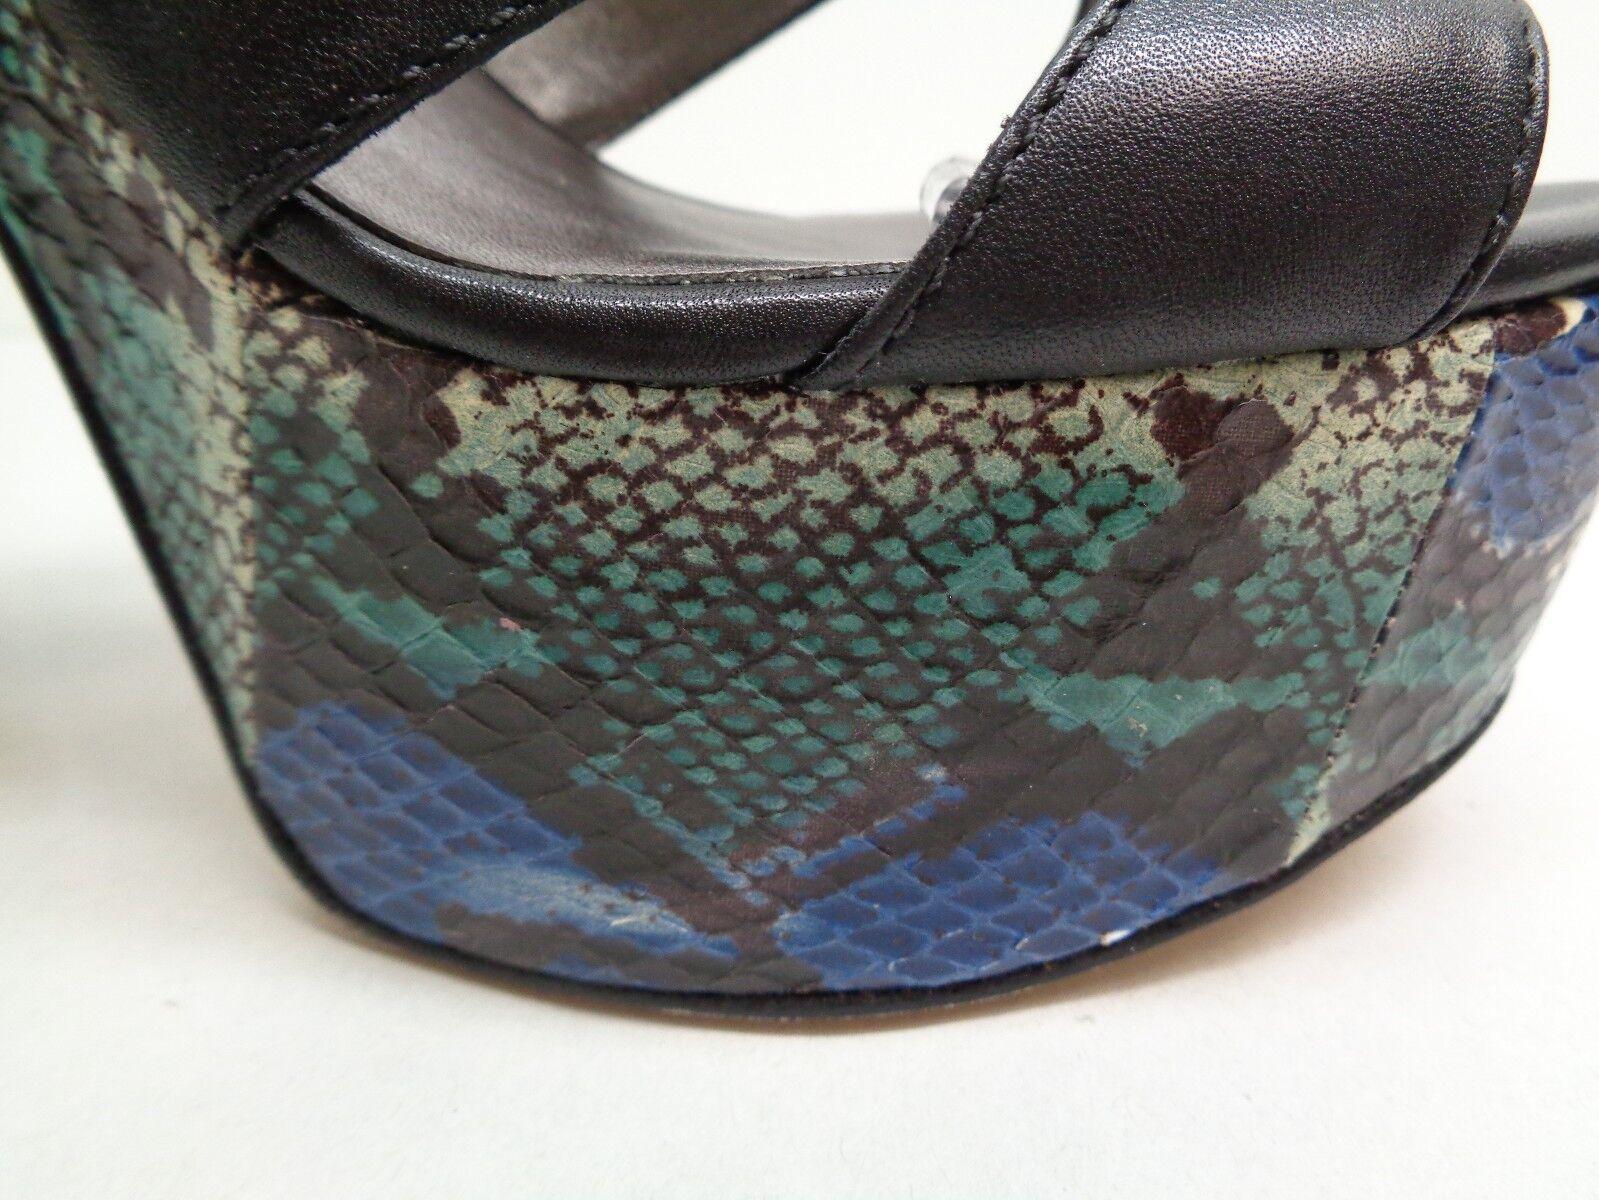 Pelle Pelle Pelle Moda Size 7.5 M TRUMAN Black Leather Platform Sandals New Womens shoes 2100a0